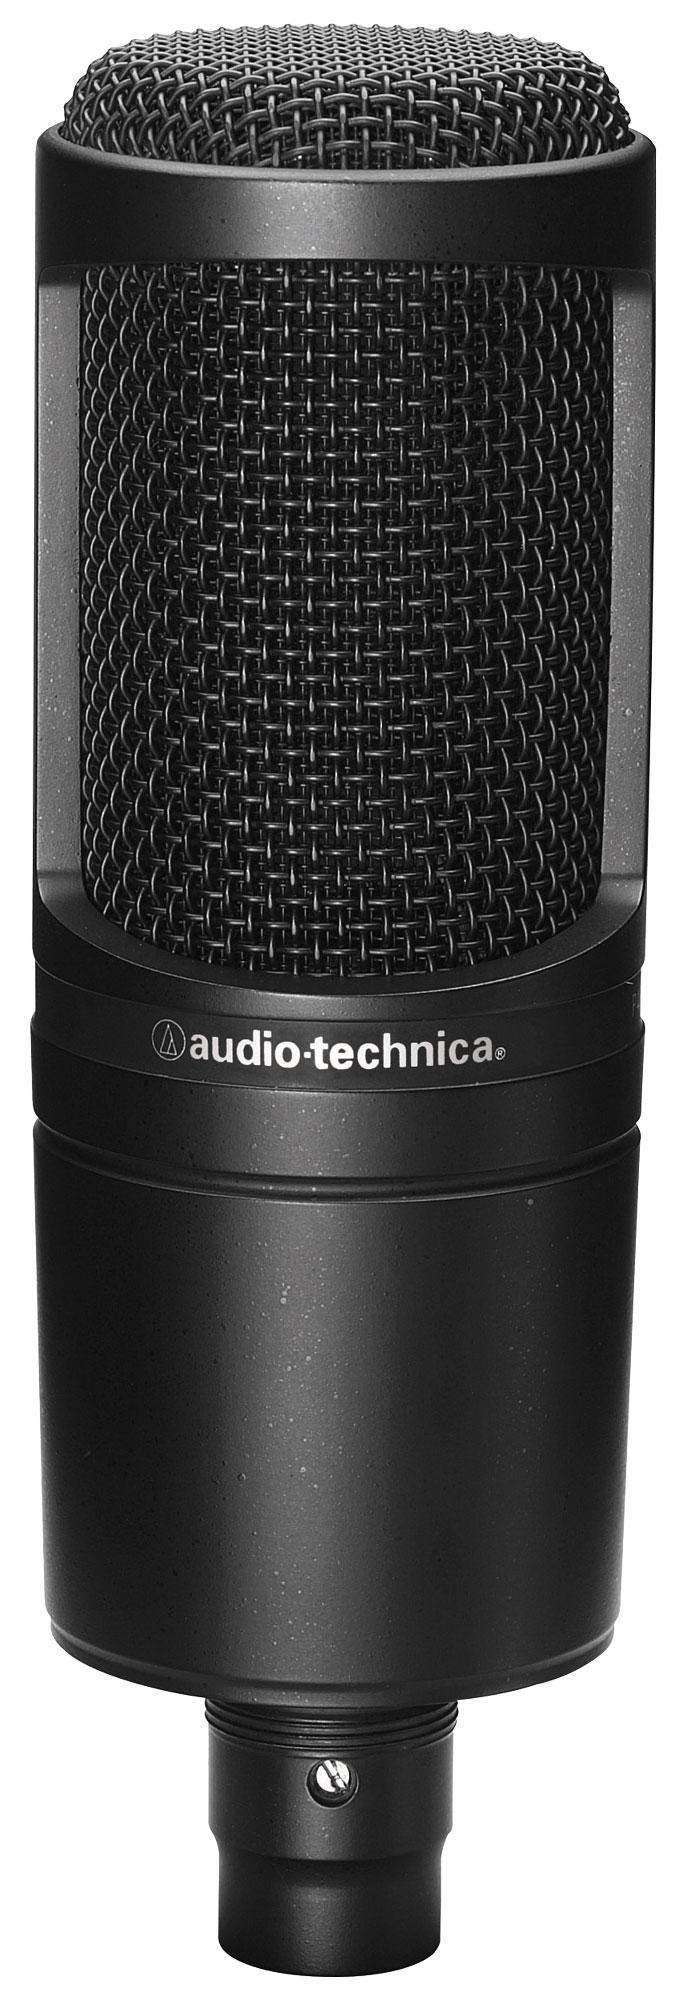 Audio Technica AT2020 Kondensatormikrofon